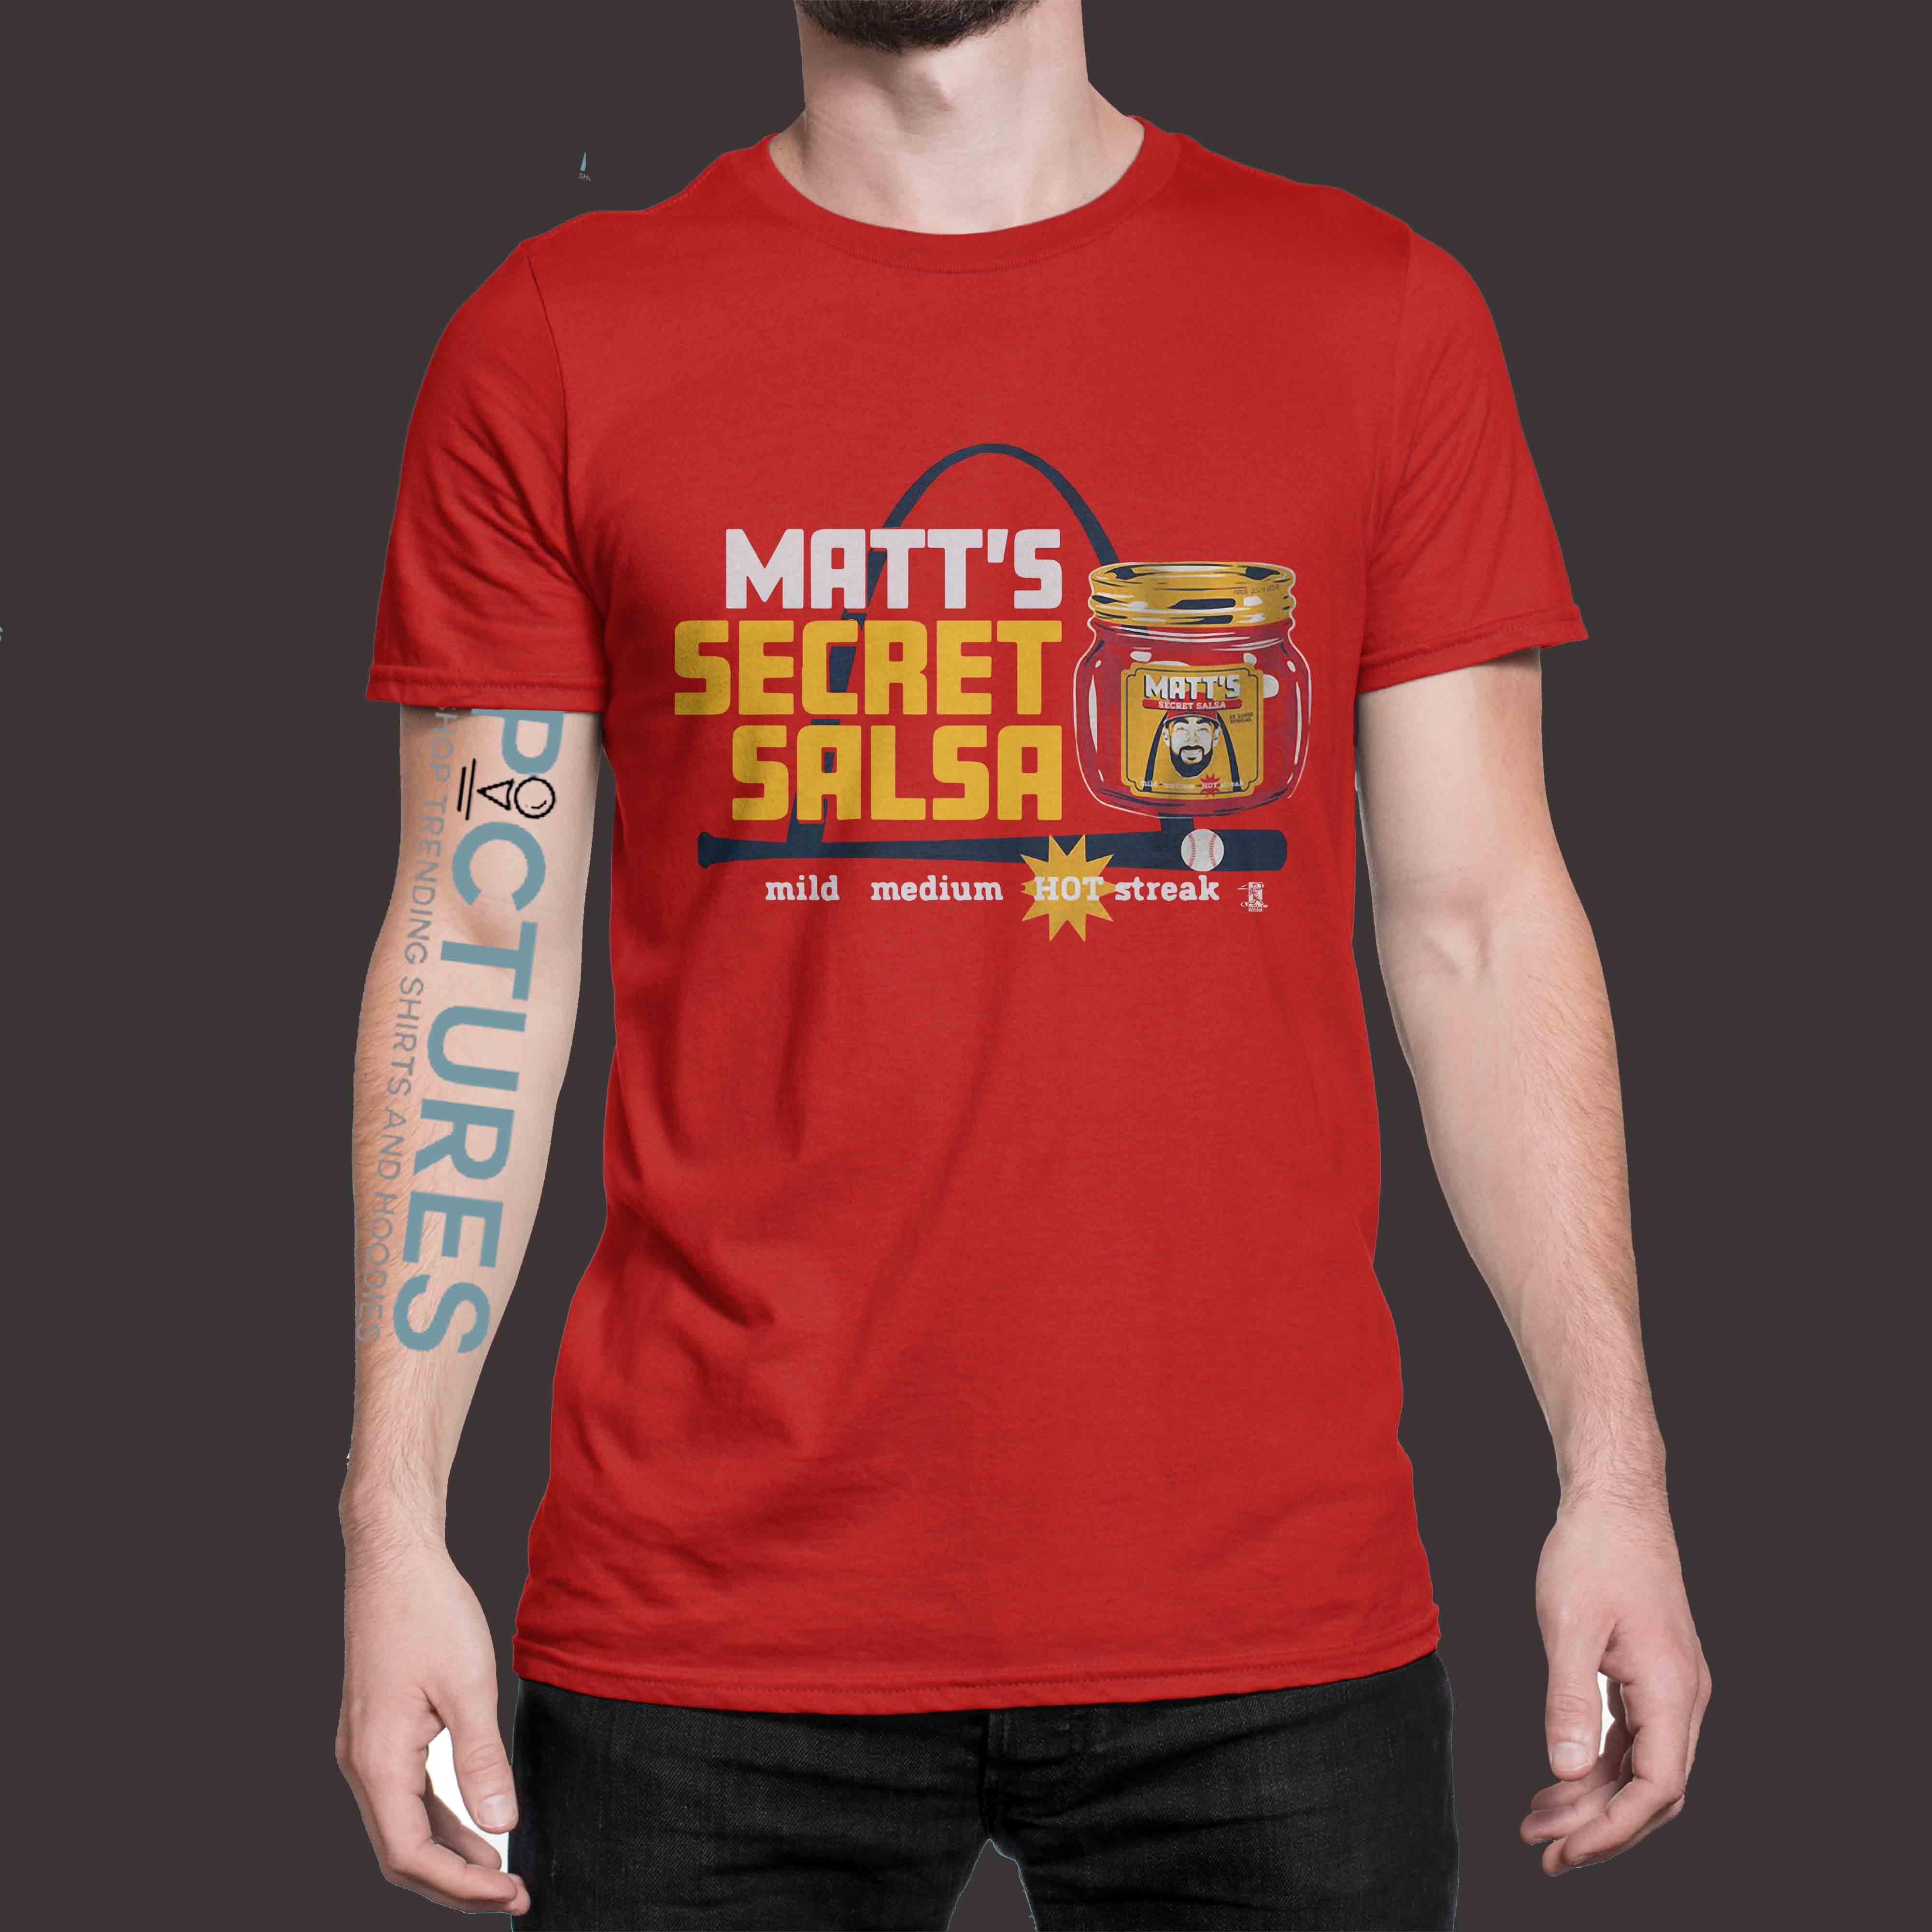 Matt Secret Salsa shirt